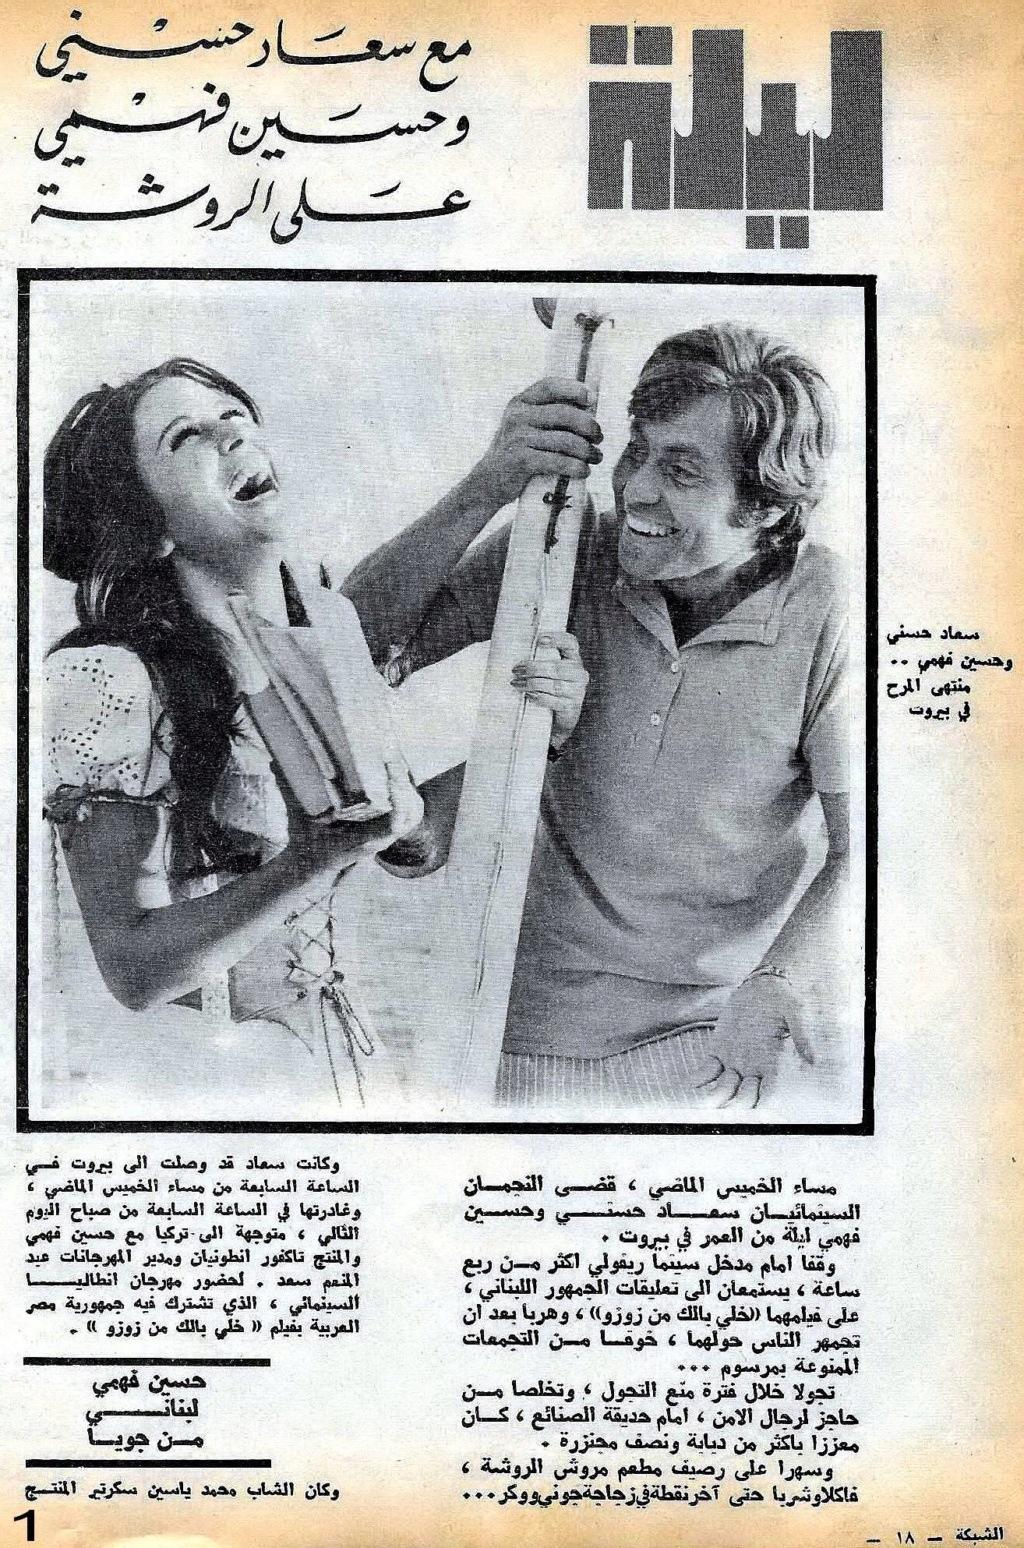 ليلة - مقال صحفي : ليلة مع سعاد حسني وحسين فهمي على الروشة 1973 م 1177